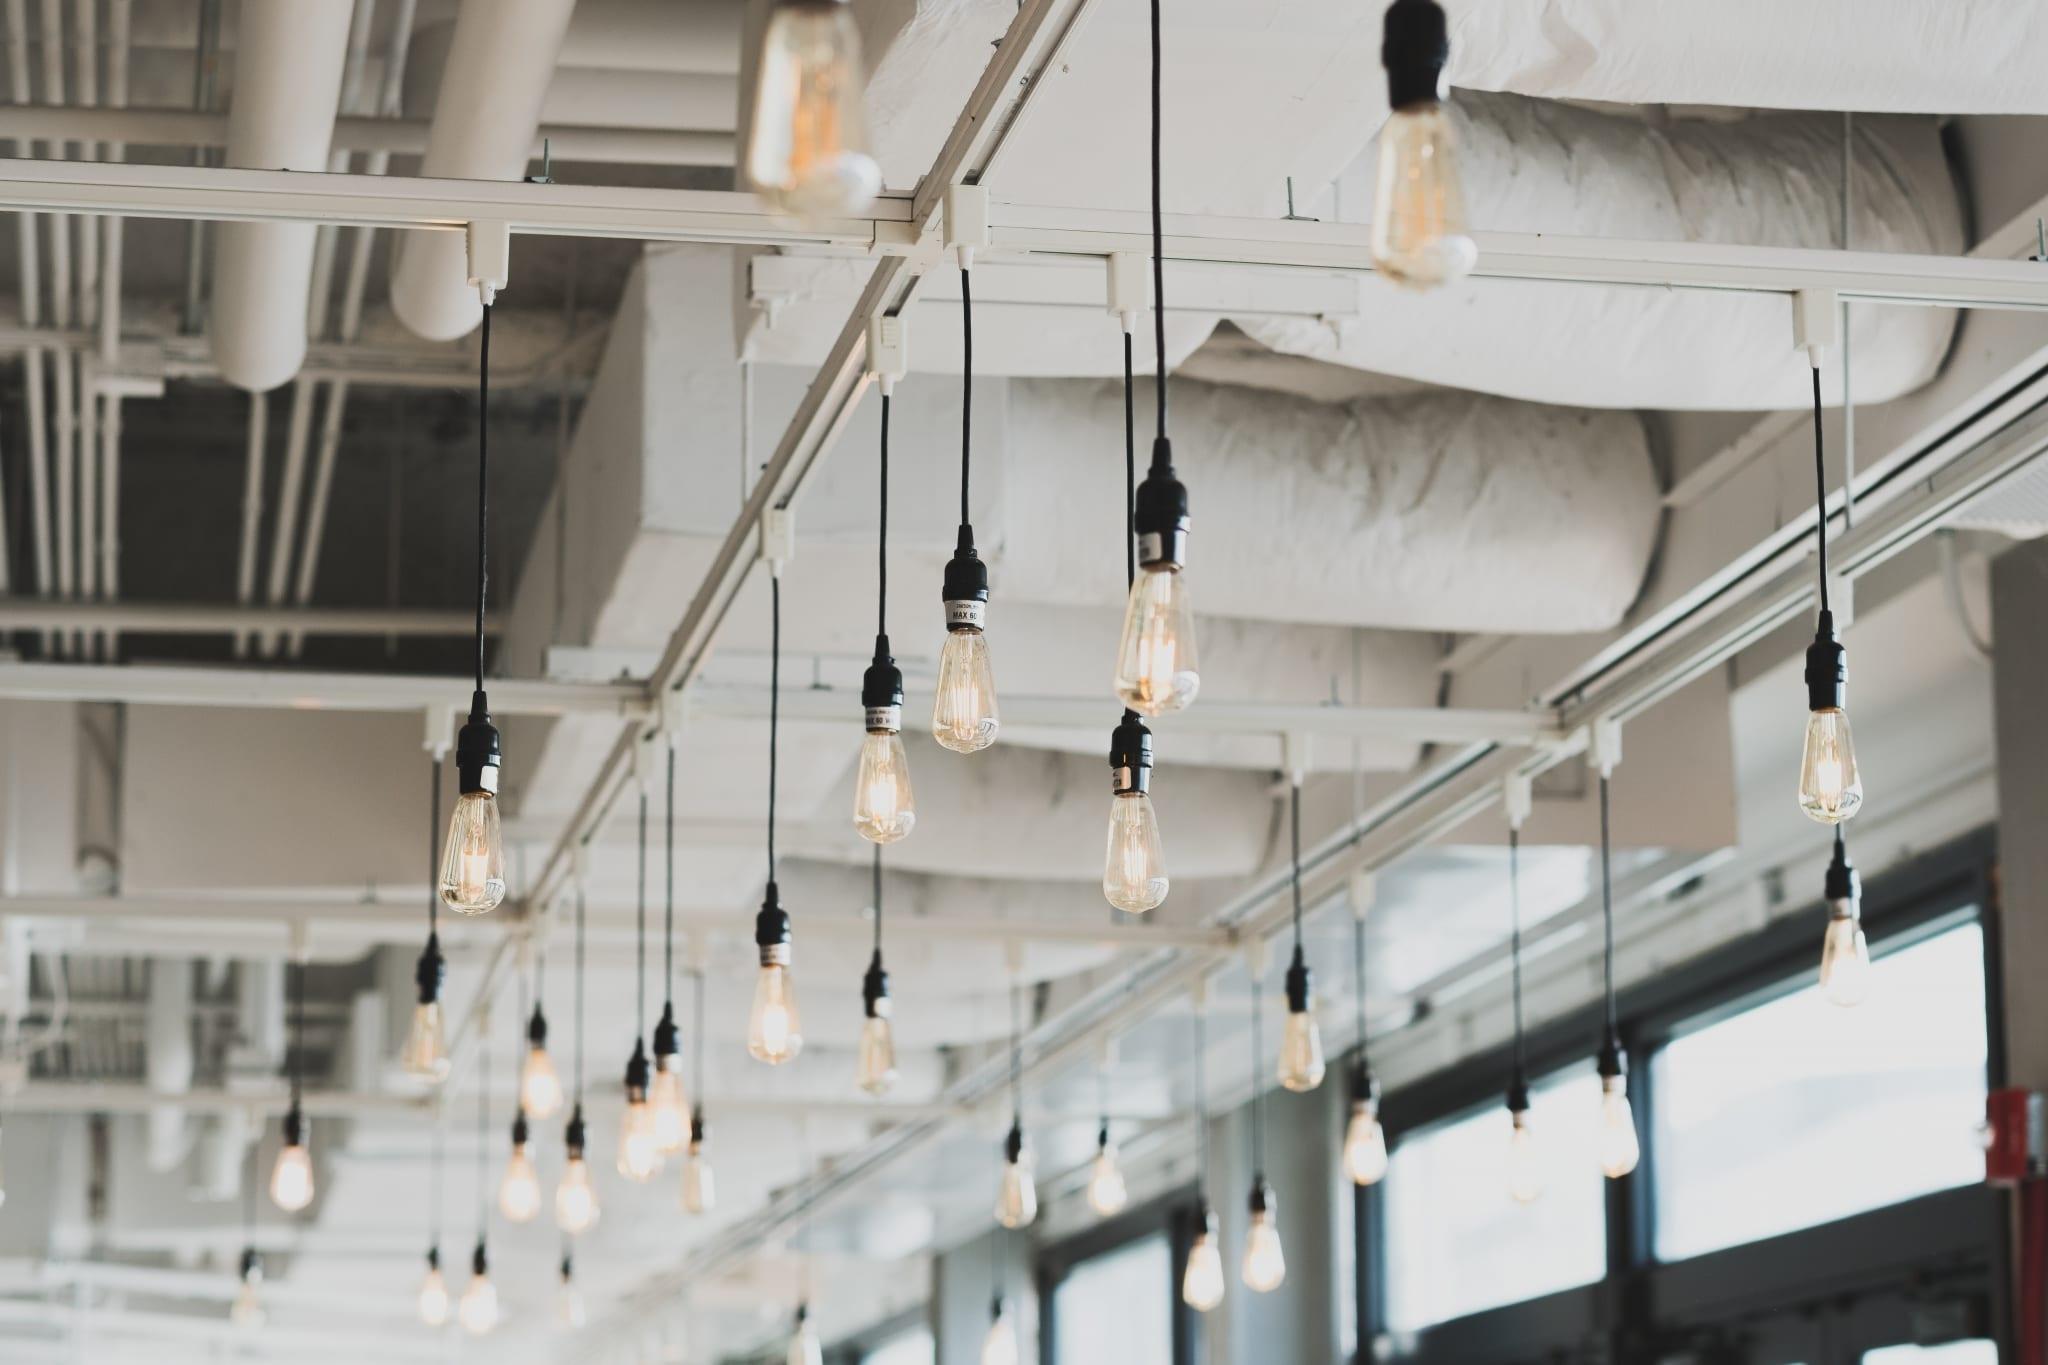 Lampen Winkel Utrecht : Verlichting utrecht cheap tvilight presenteert haar verlichting